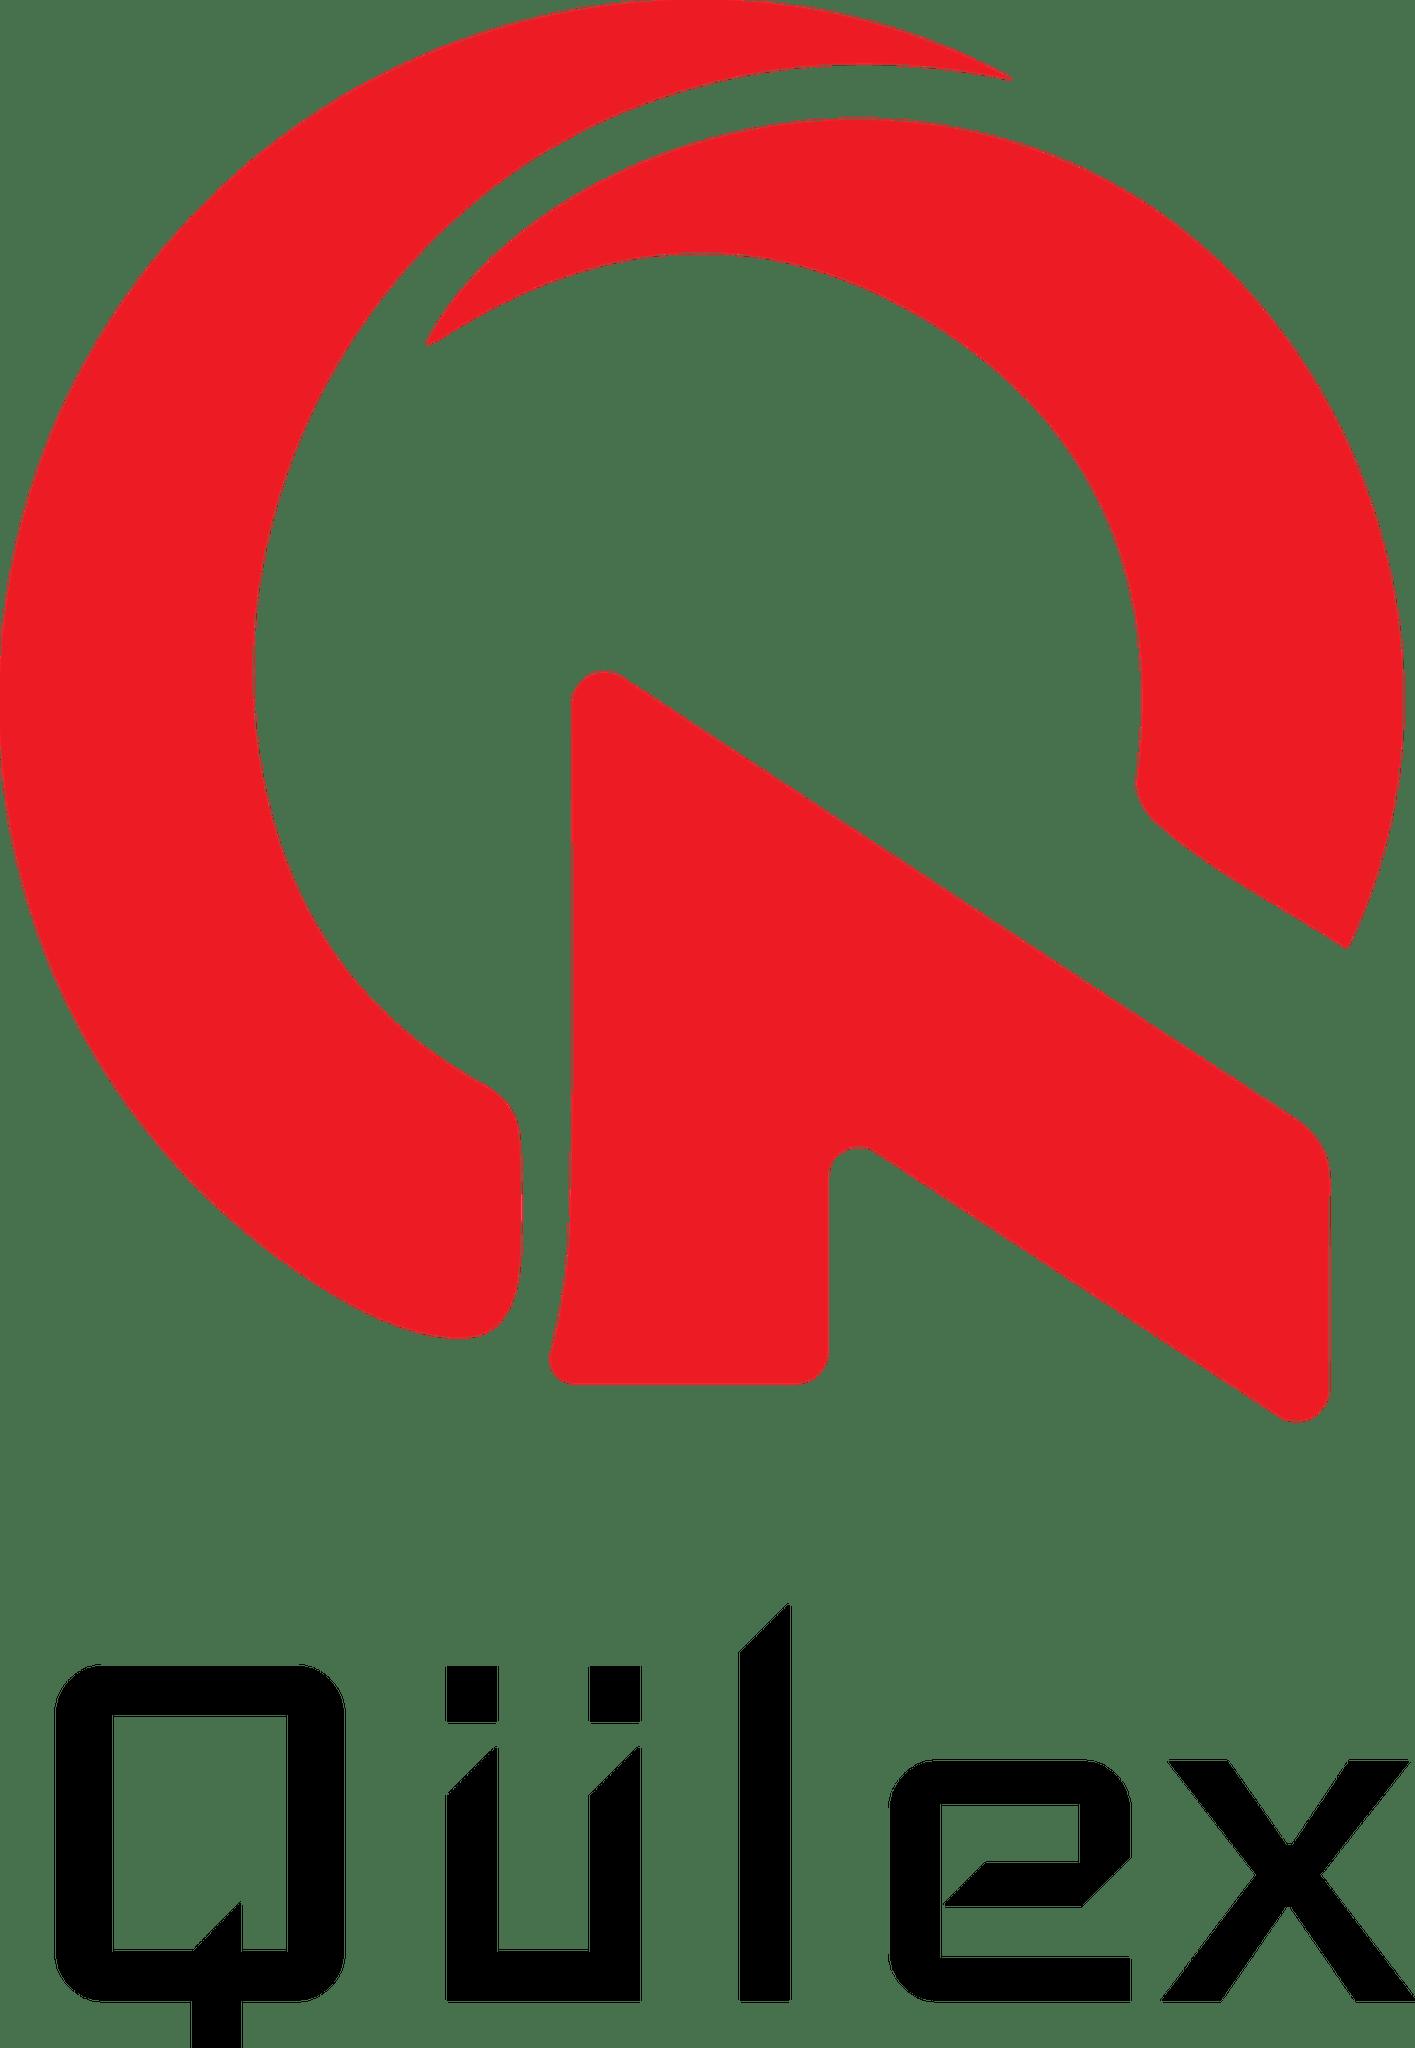 Qiilex